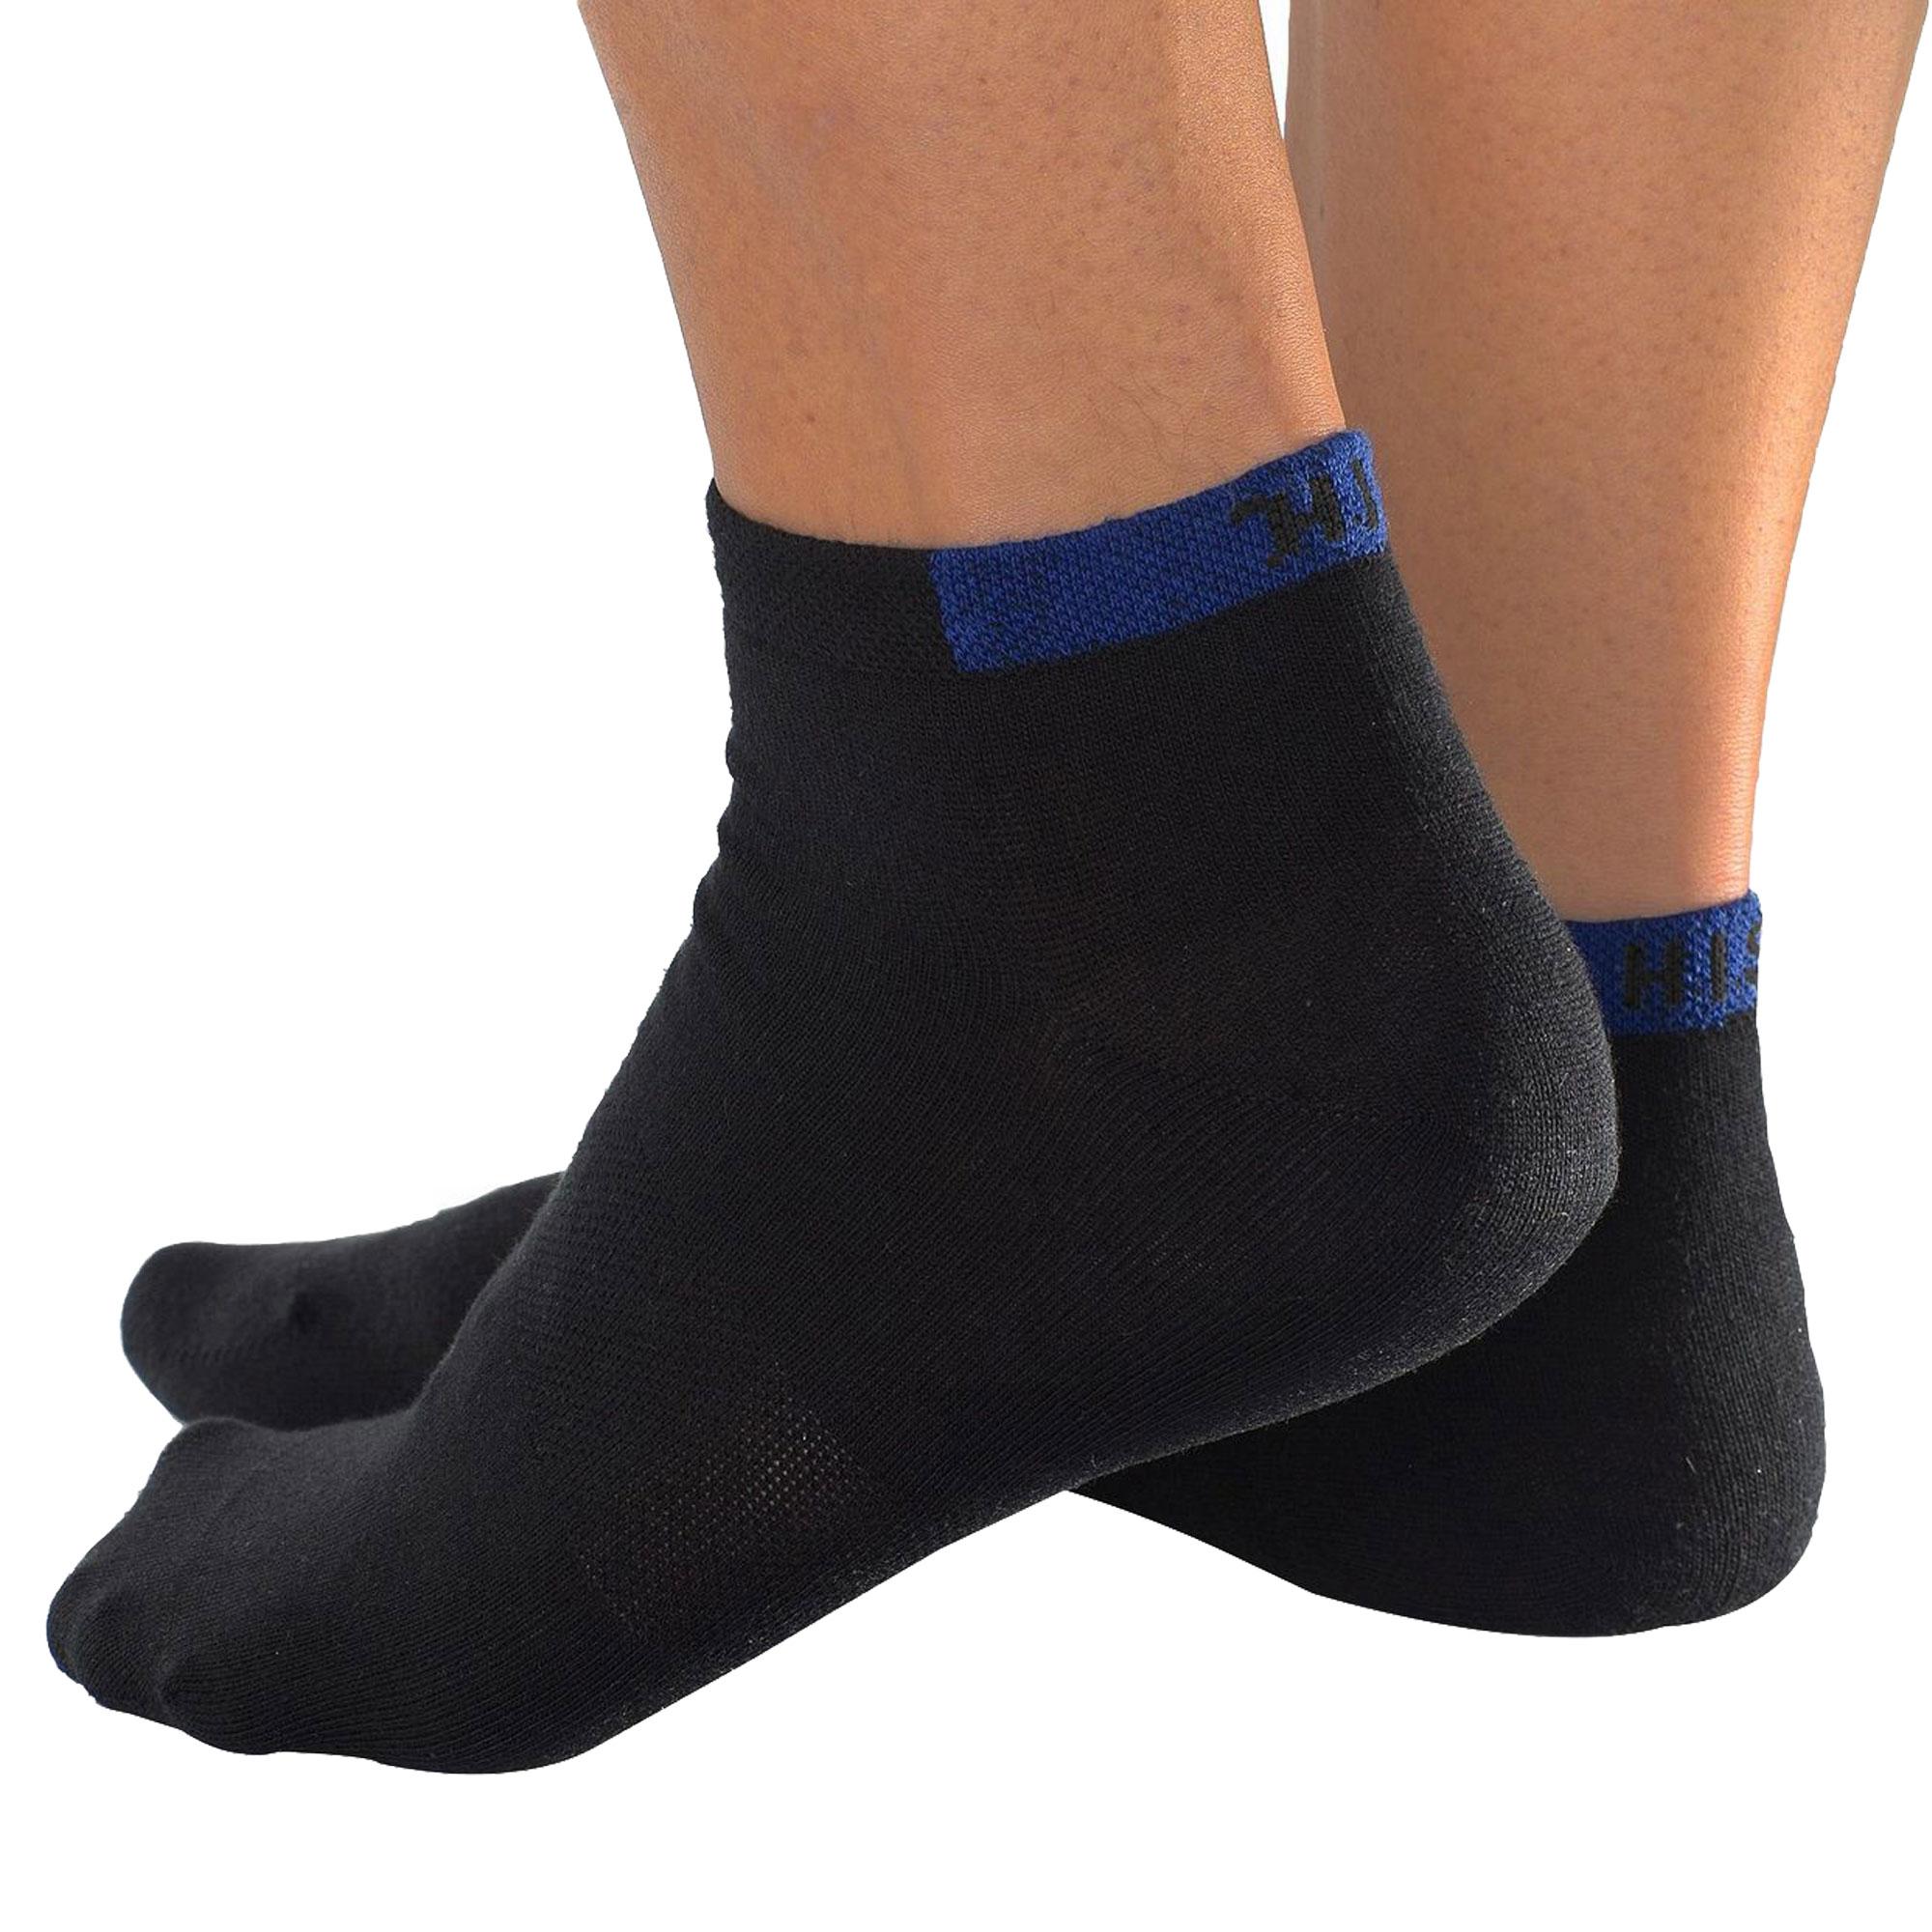 HIS Sneaker, Socken, Unisex, 10 Paar, verstärkte Belastungszonen – Bild 3